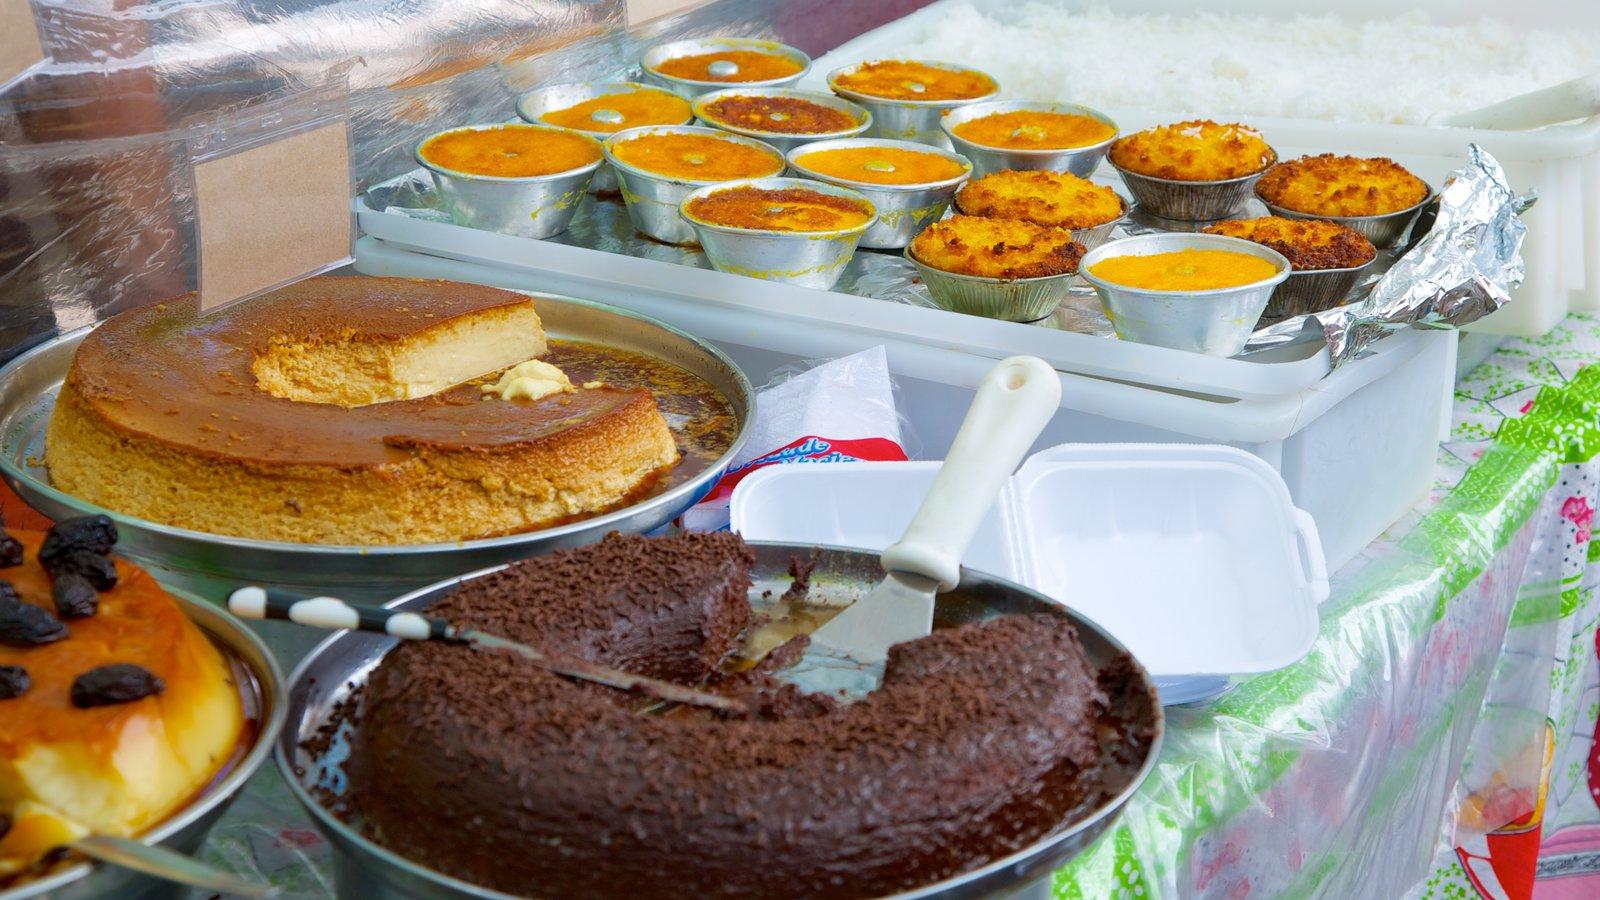 Ipanema caracterizando comida